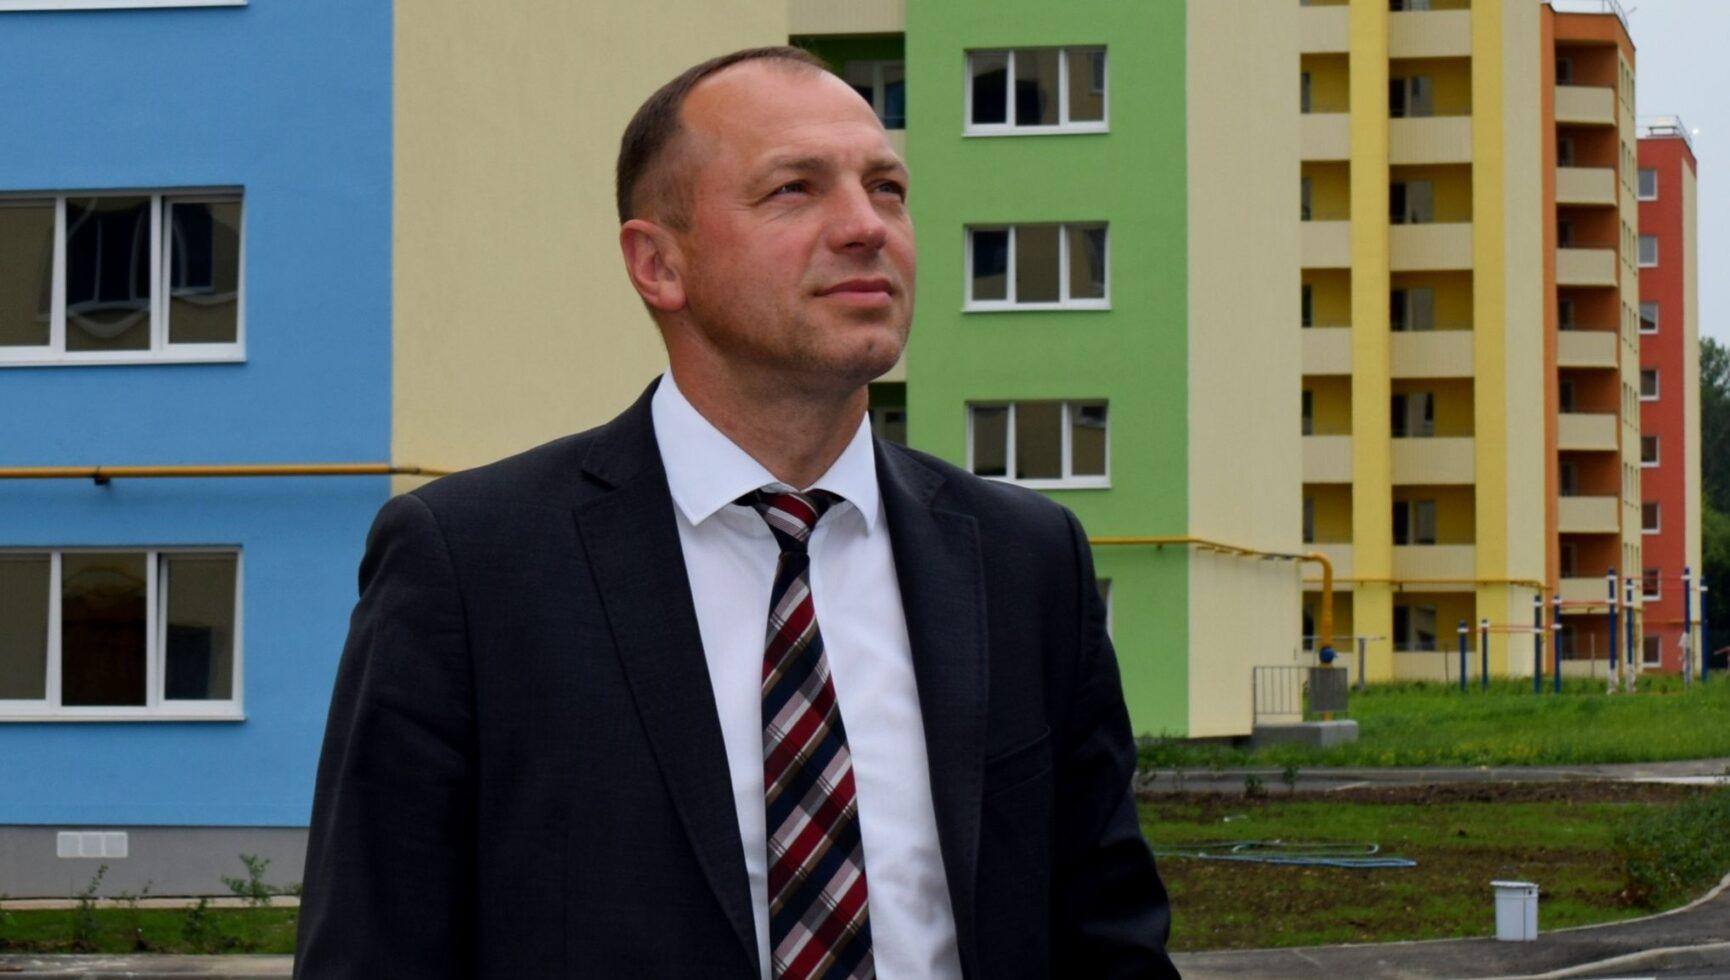 Поздравляем с Днем рождения Терехова Николая Николаевича, главу администрации муниципального образования Узловский район!